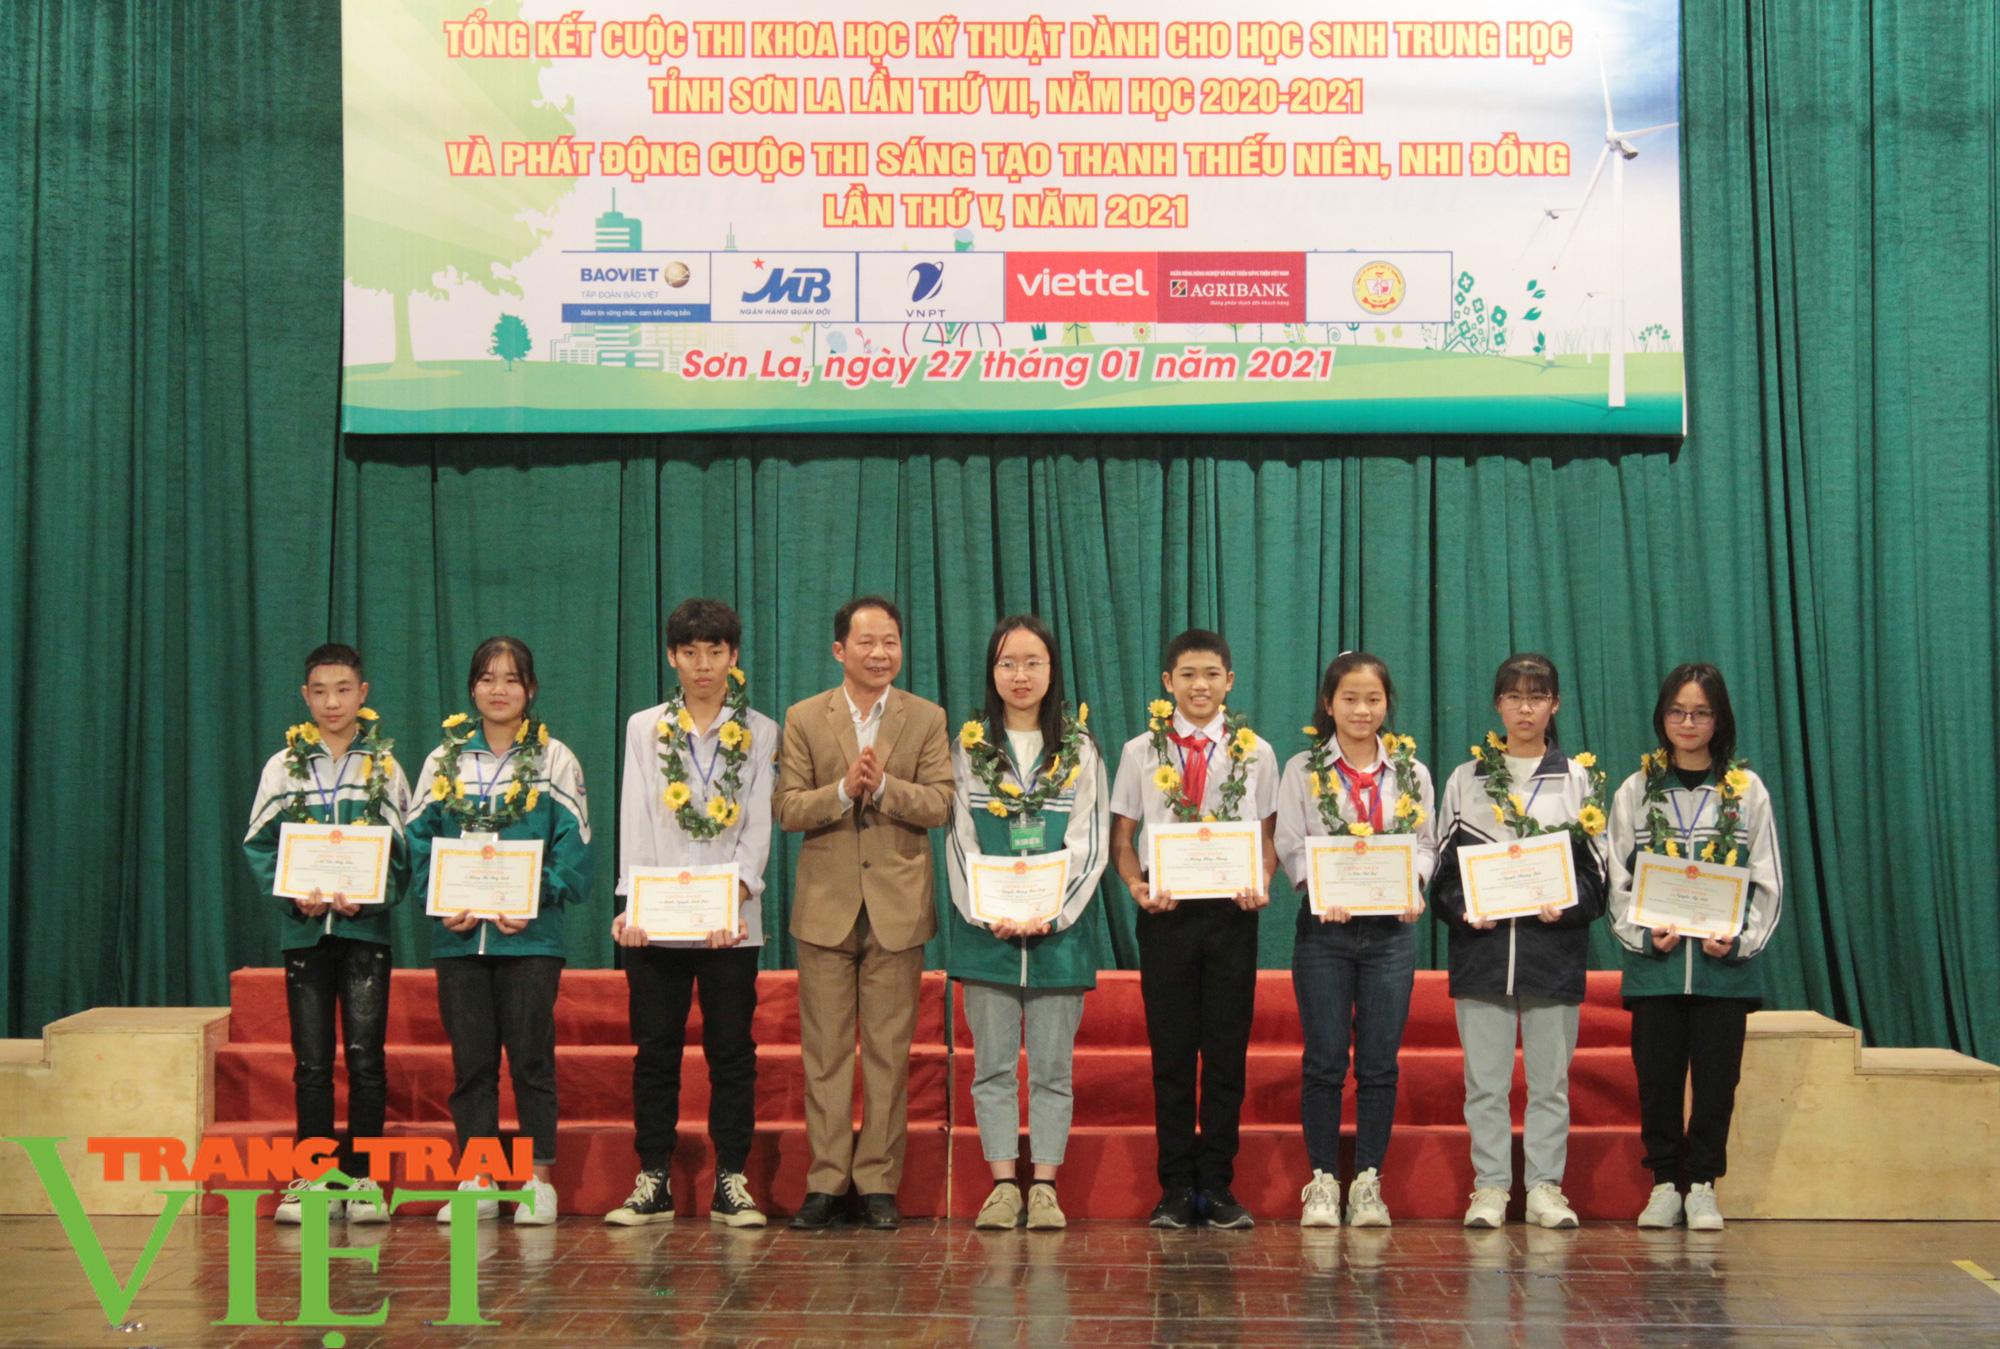 Sơn La: 81 dựa án đoạt giải Cuộc thi khoa học kỹ thuật cấp tỉnh - Ảnh 2.